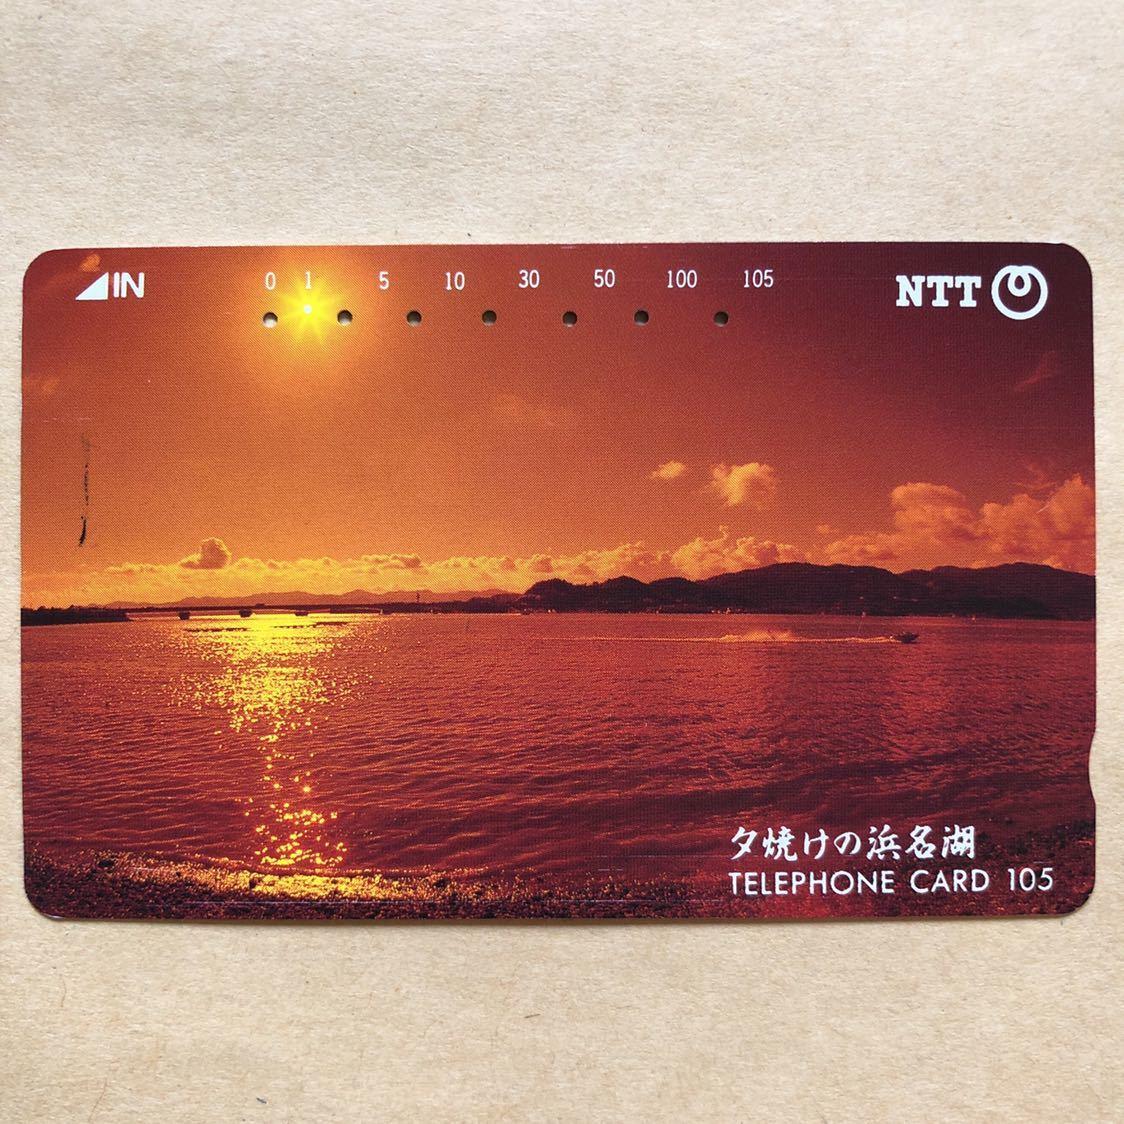 【使用済】 テレカ 夕焼けの浜名湖_画像1